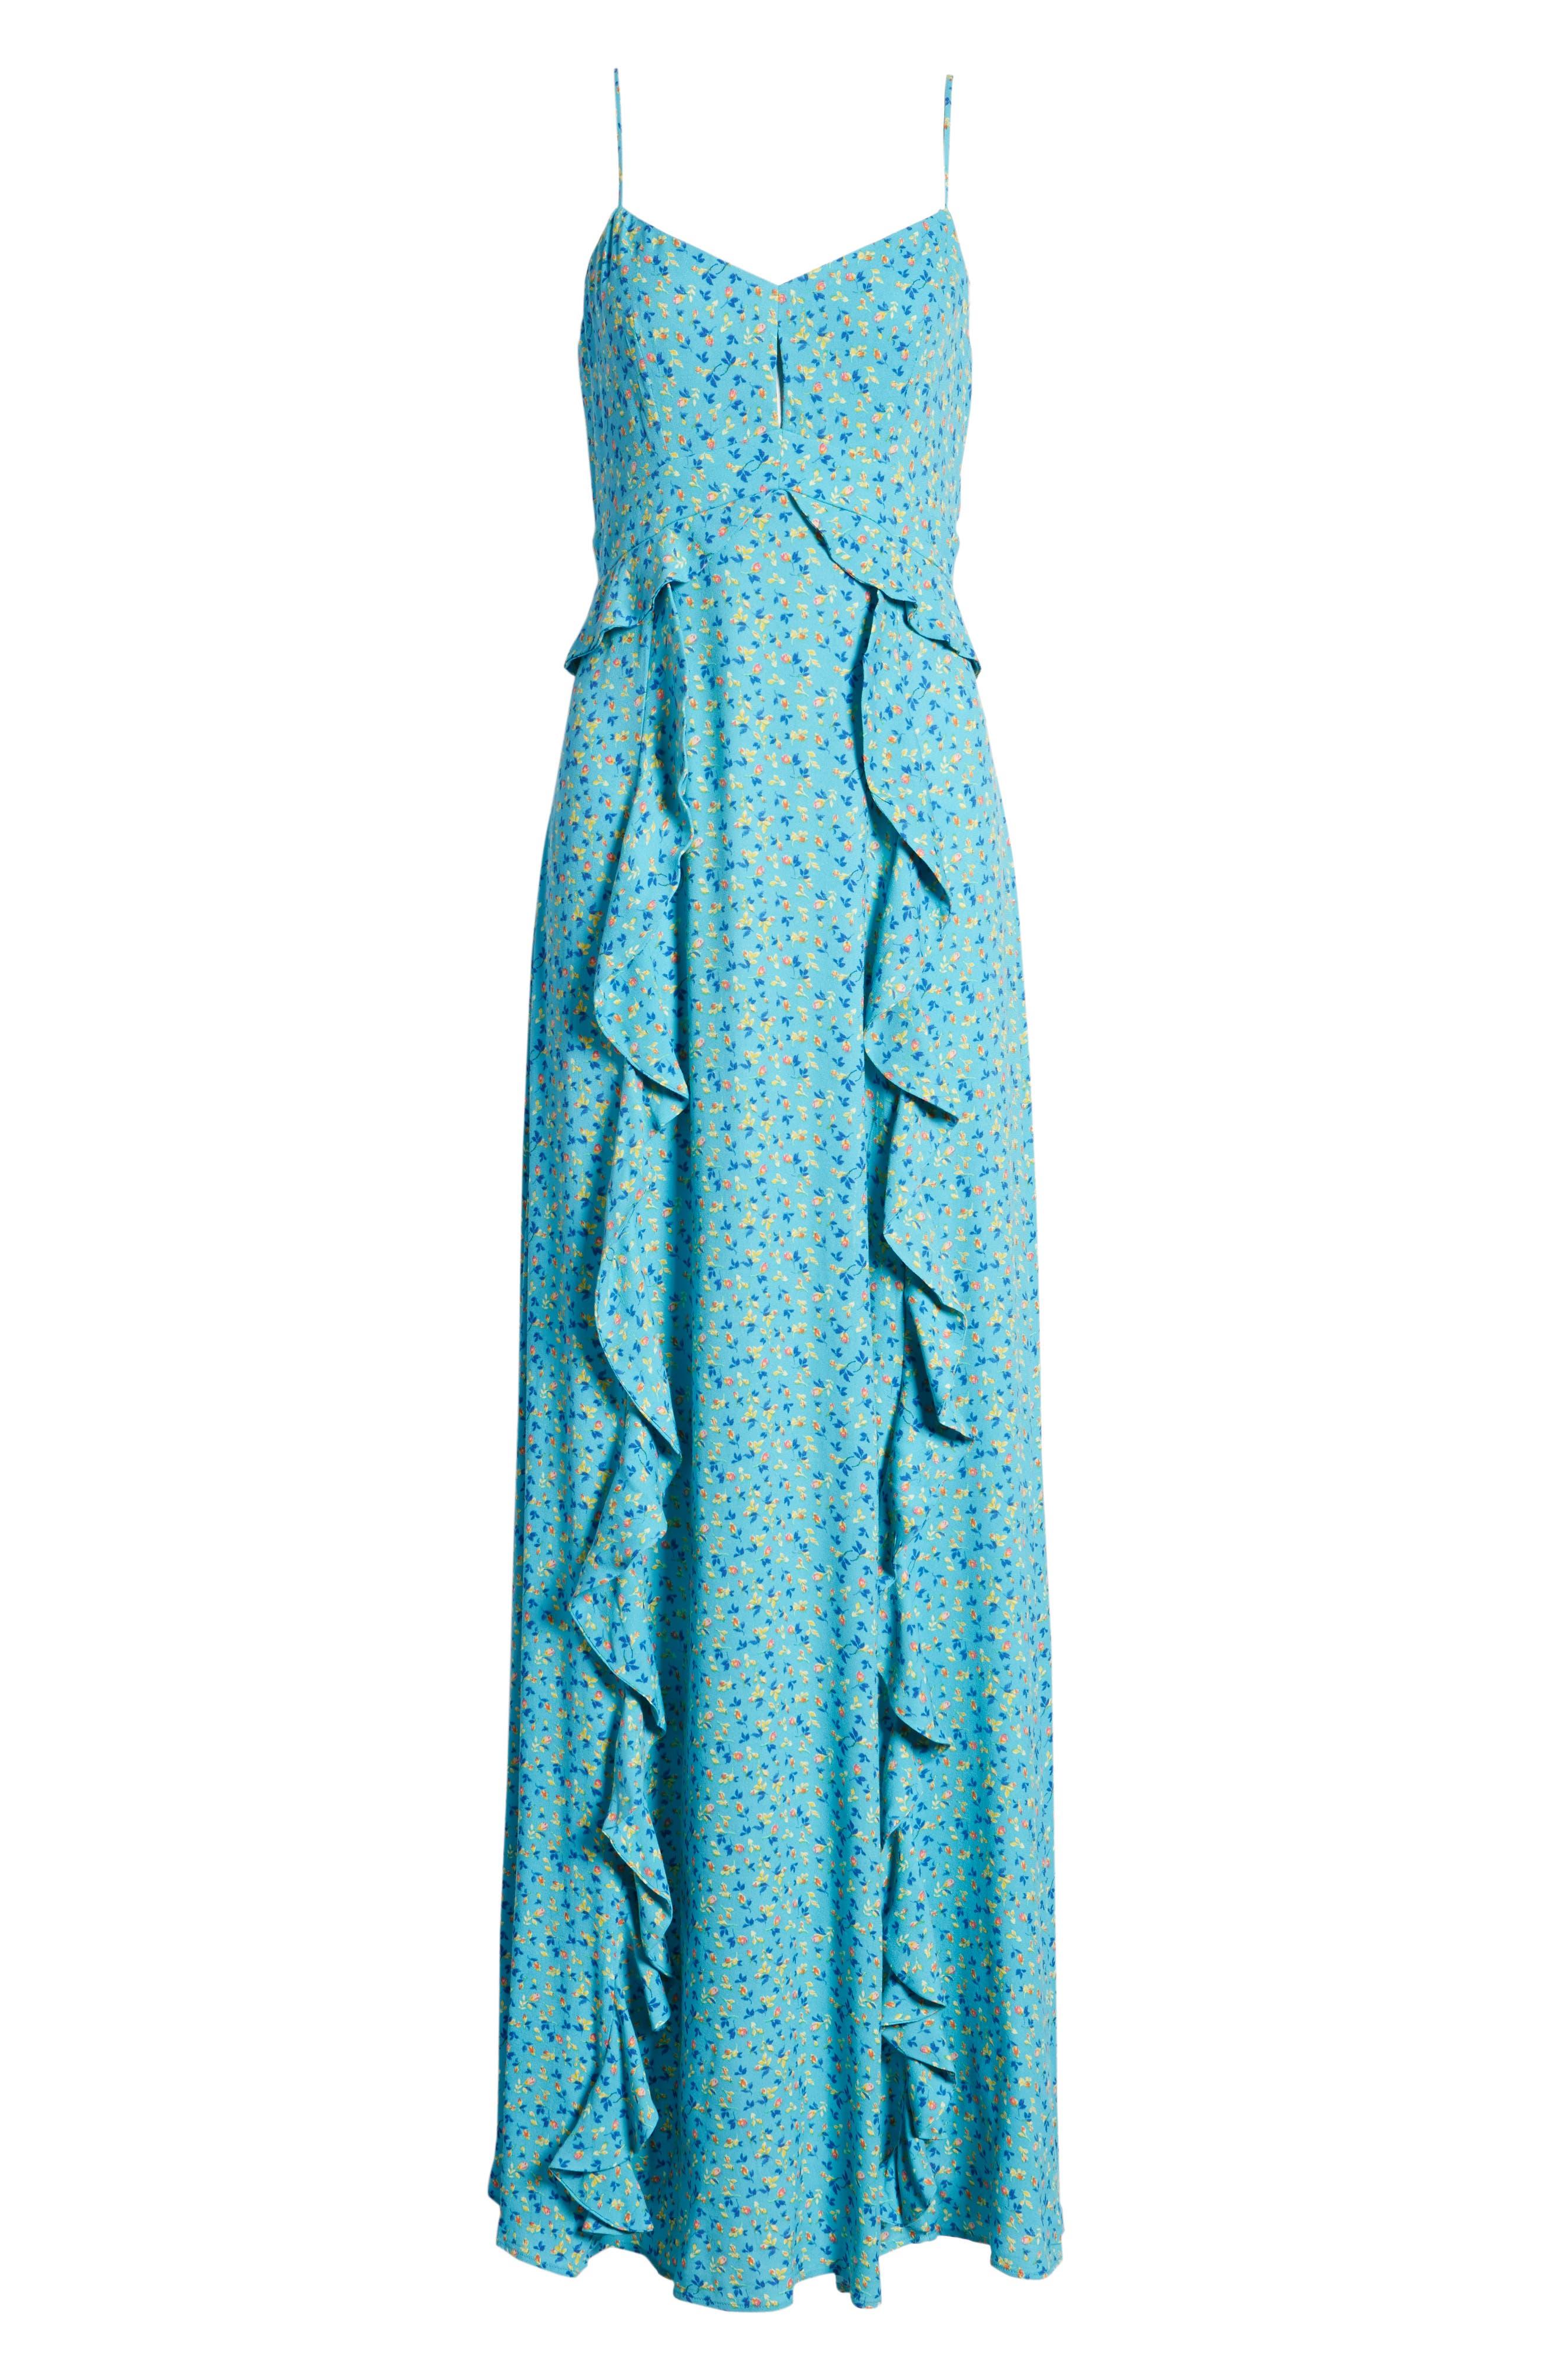 Kiki Ruffle Maxi Dress,                             Alternate thumbnail 7, color,                             400